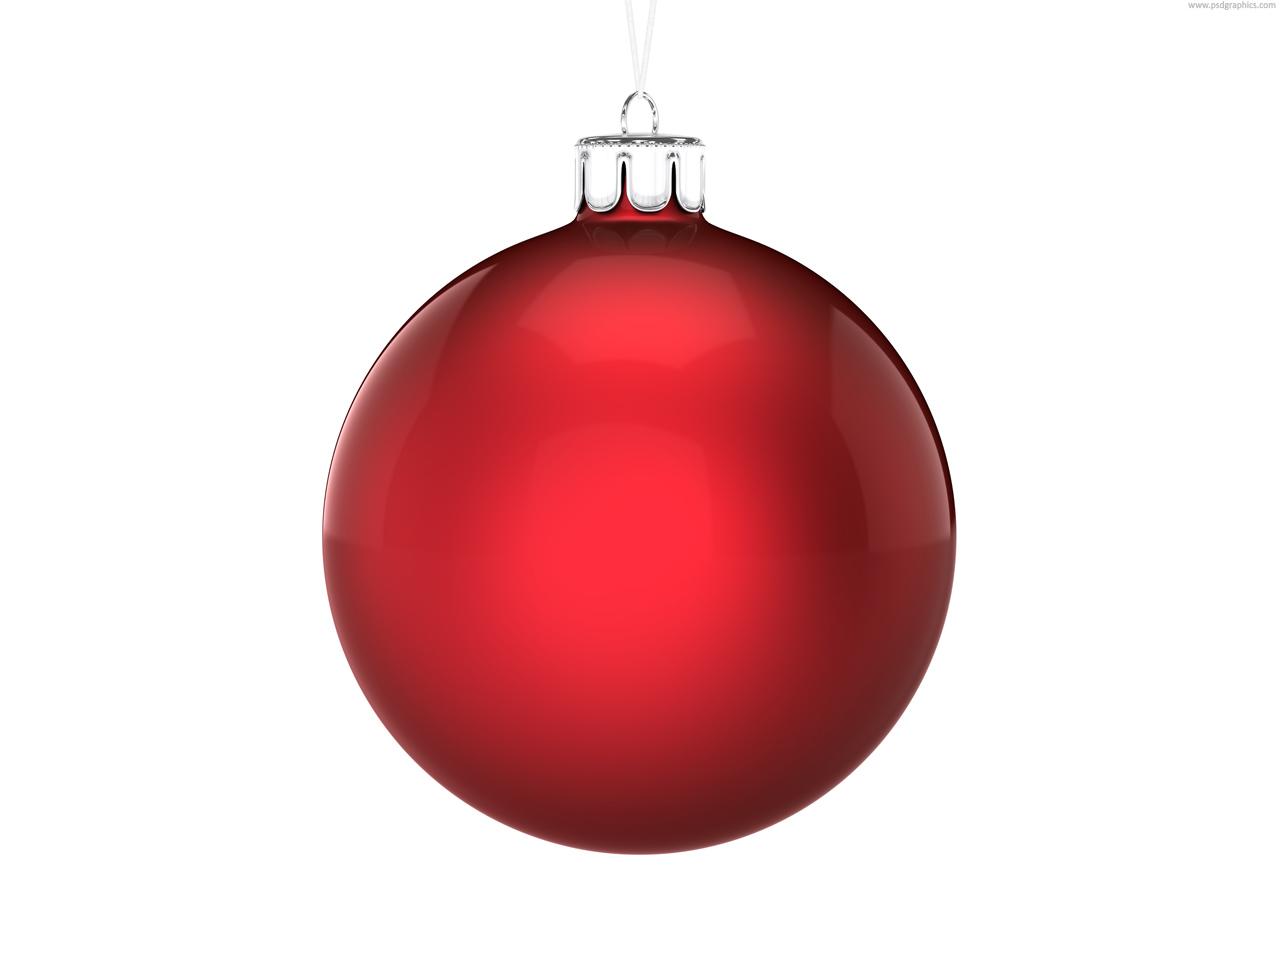 Christmas ball | PSDGraphics